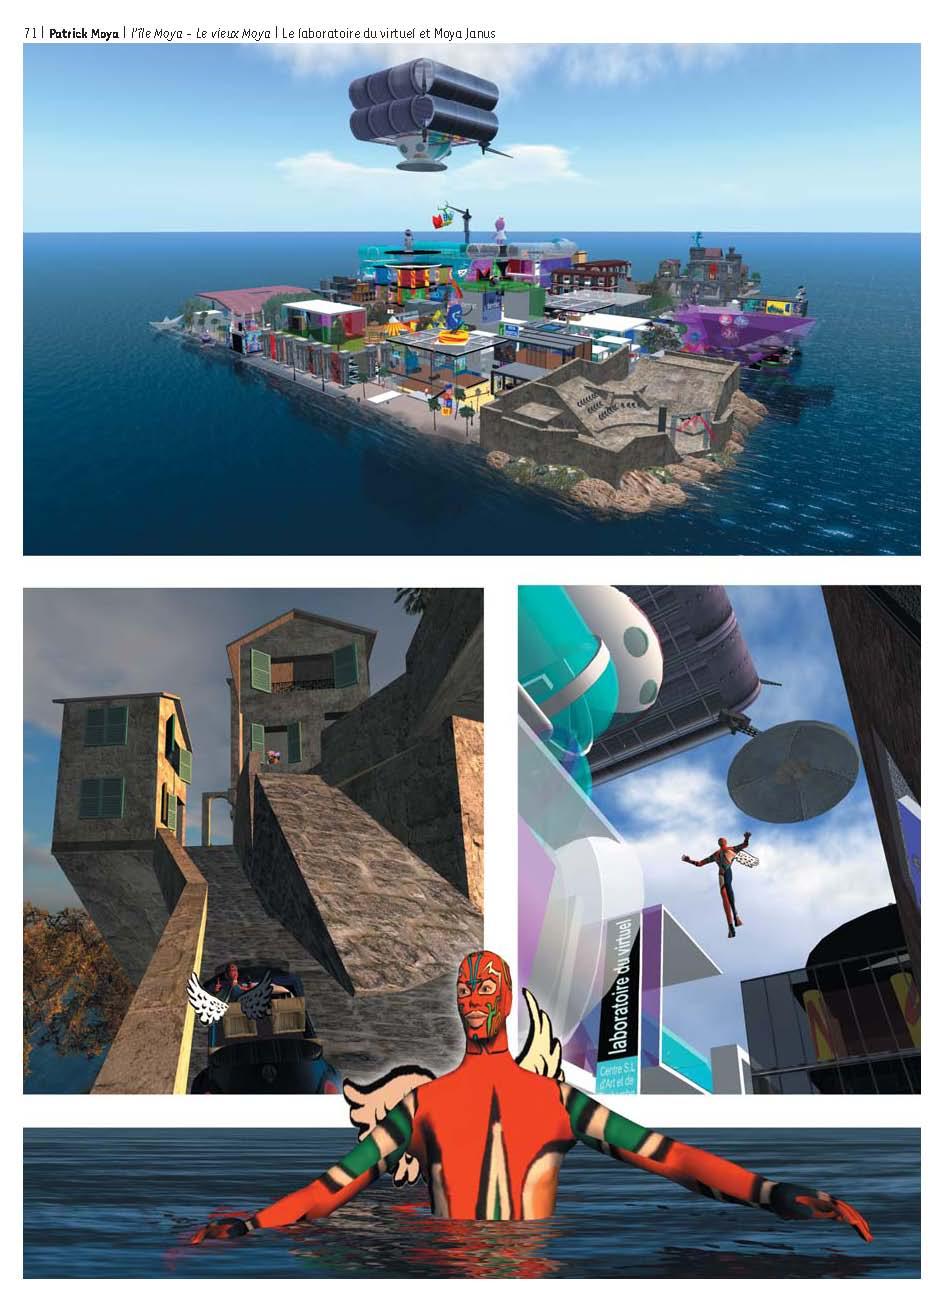 L'île Moya, Le vieux Moya, Le laboratoire du virtuel@et Moya Janus